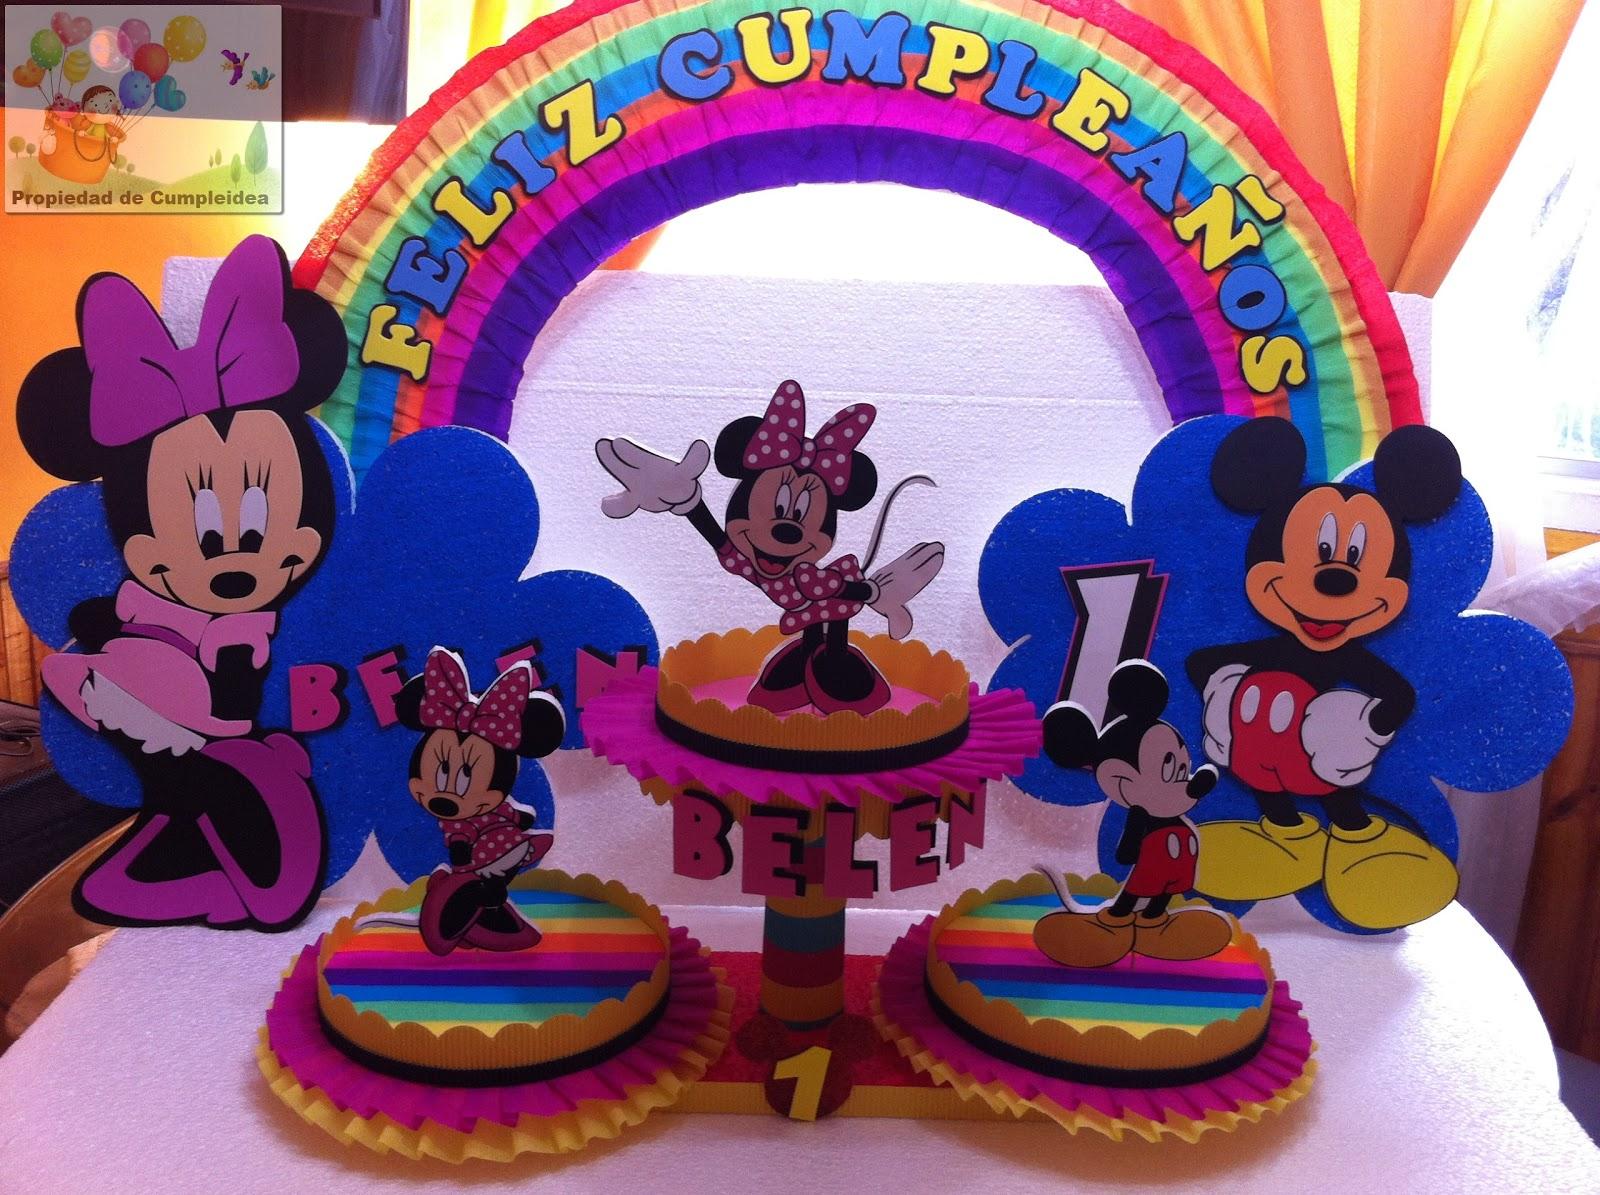 Decoraciones de fiestas infantiles el mundo del brinko for Decoraciones infantiles